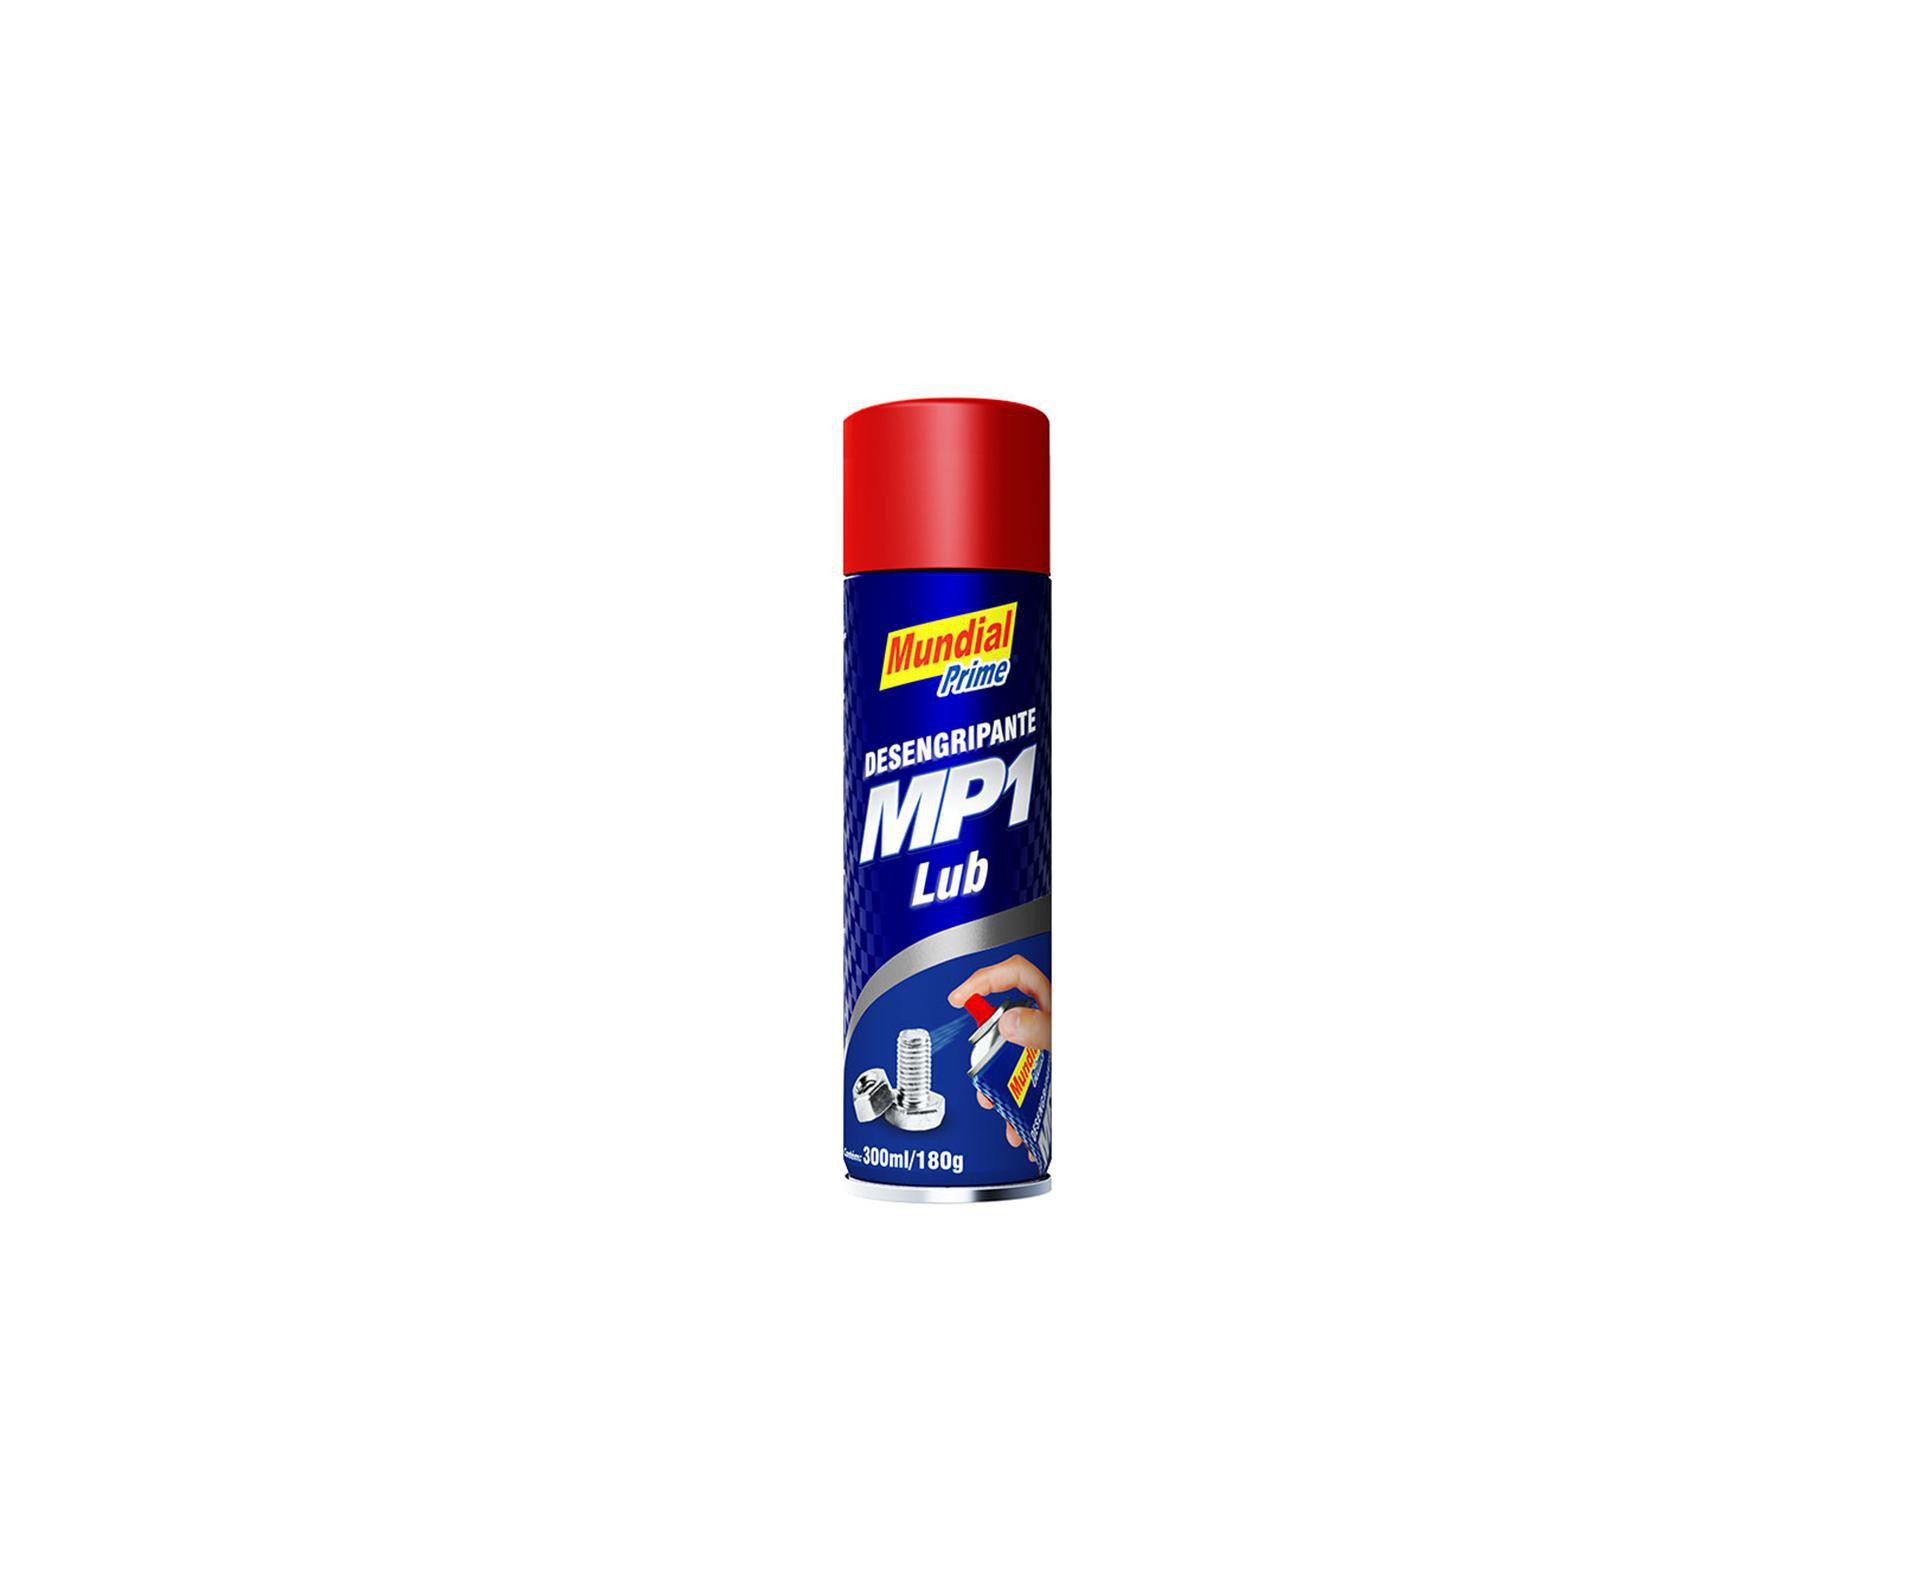 Desengripante Mp1 Spray 321ml - Mundial Prime